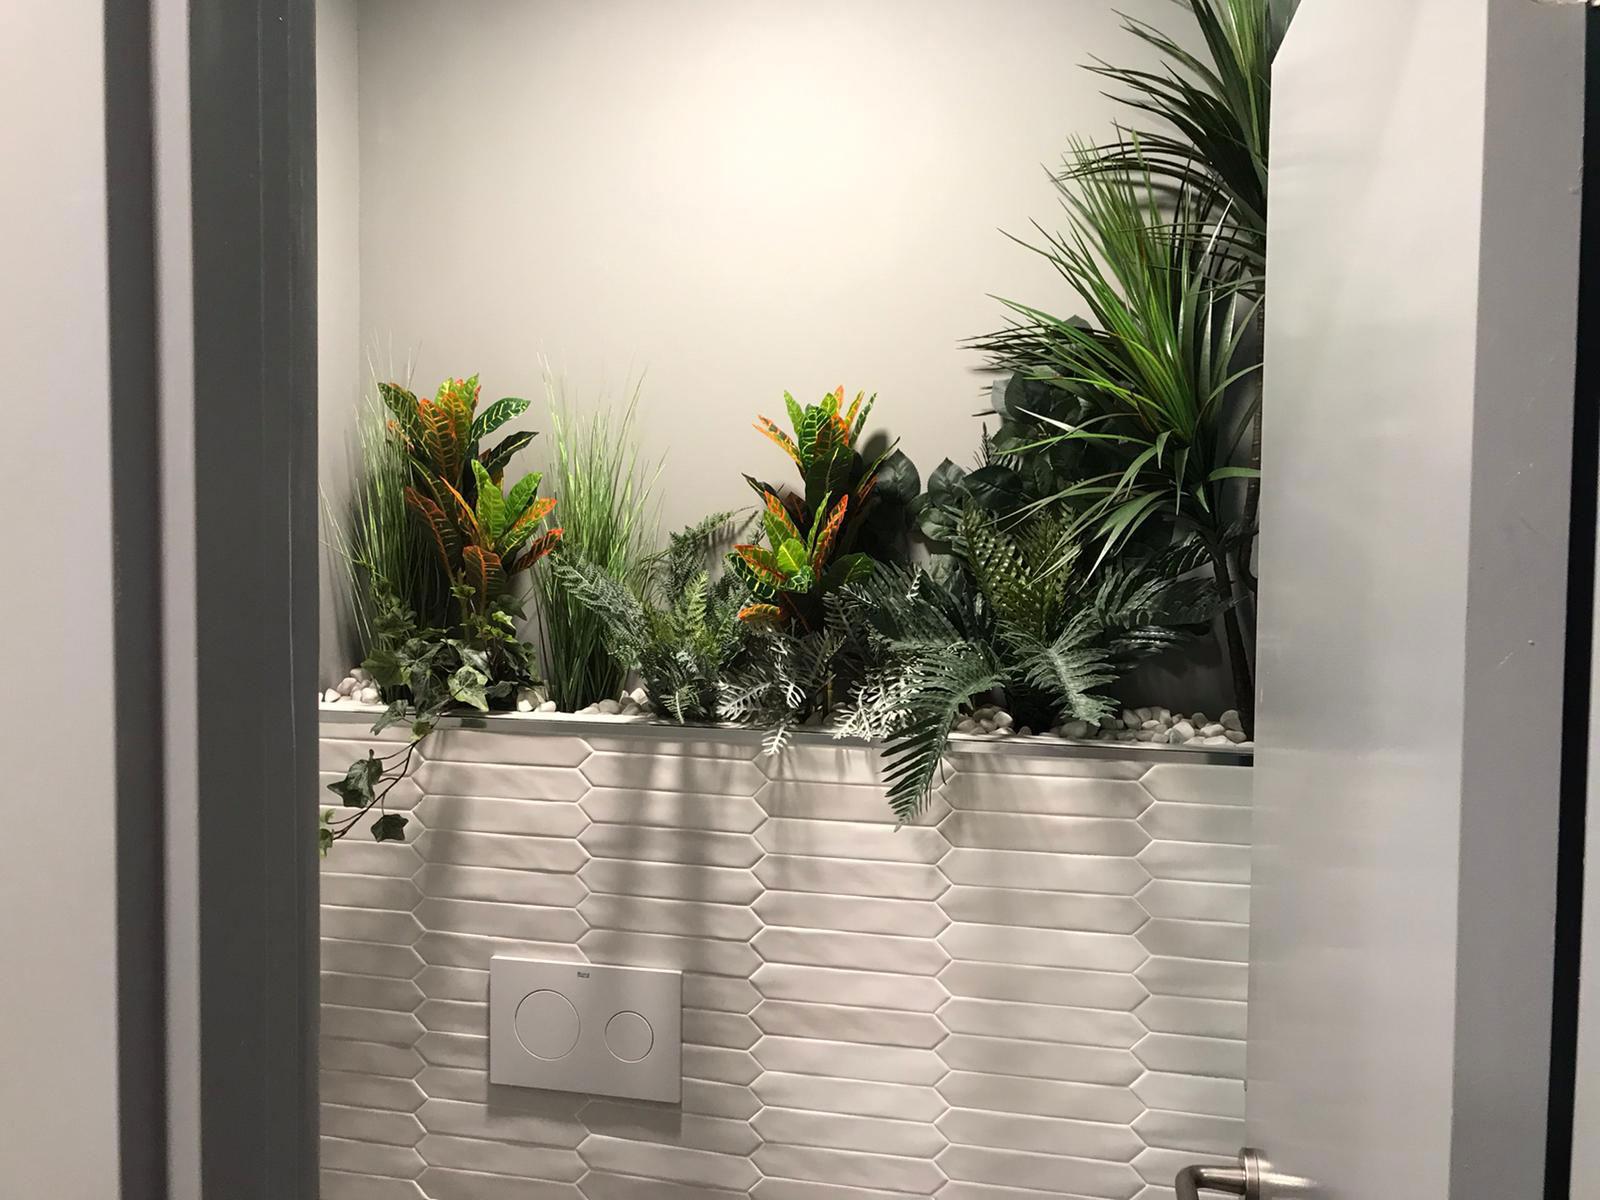 jardin vertical en hotel getafe